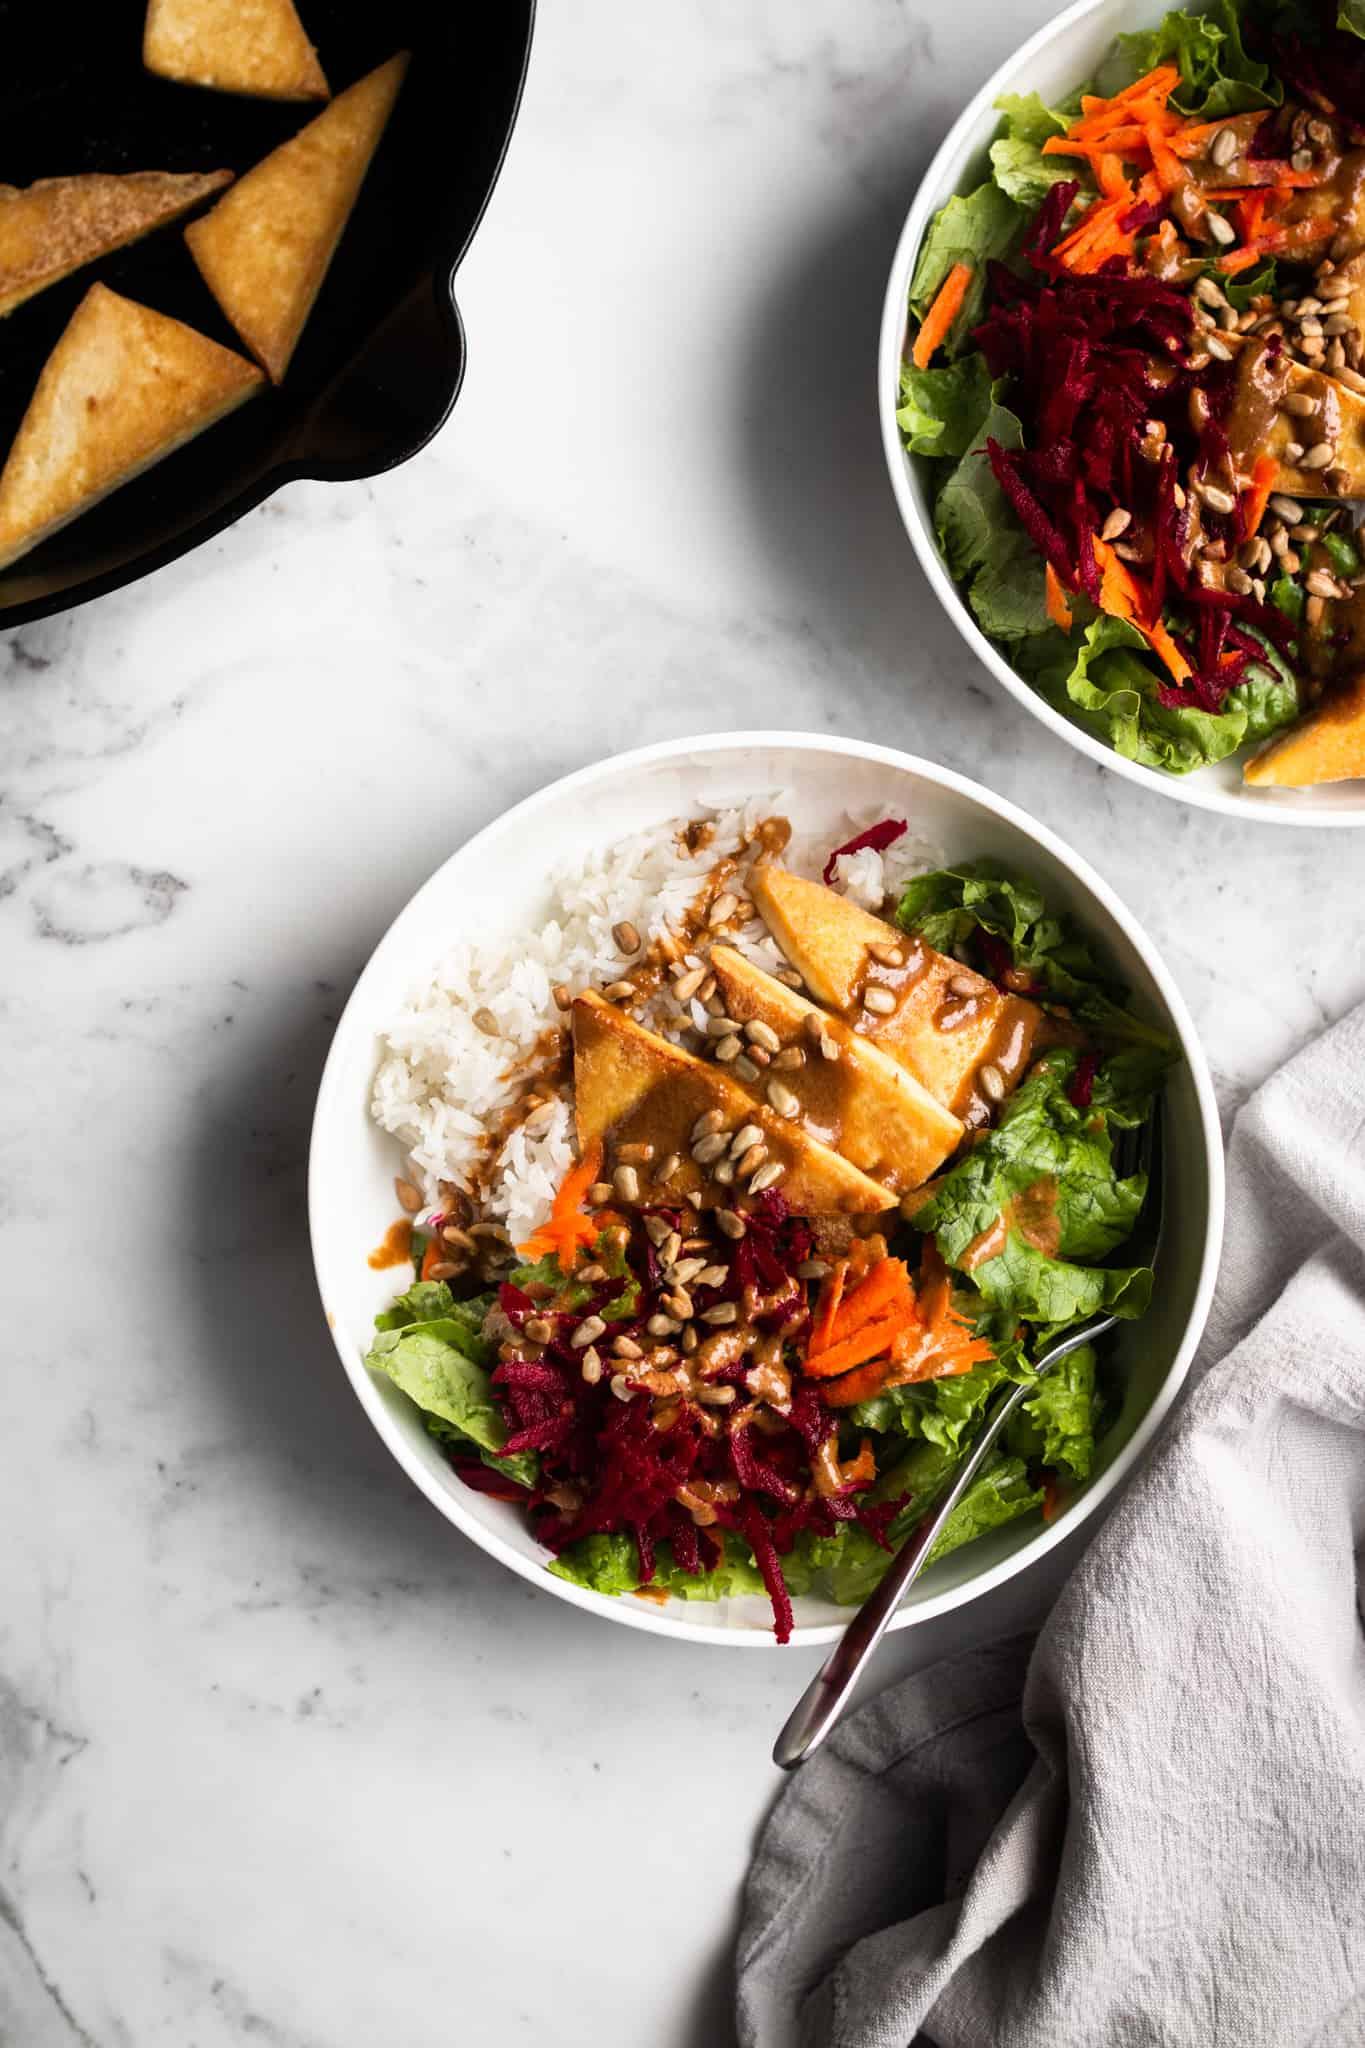 cozy winter salad in bowls